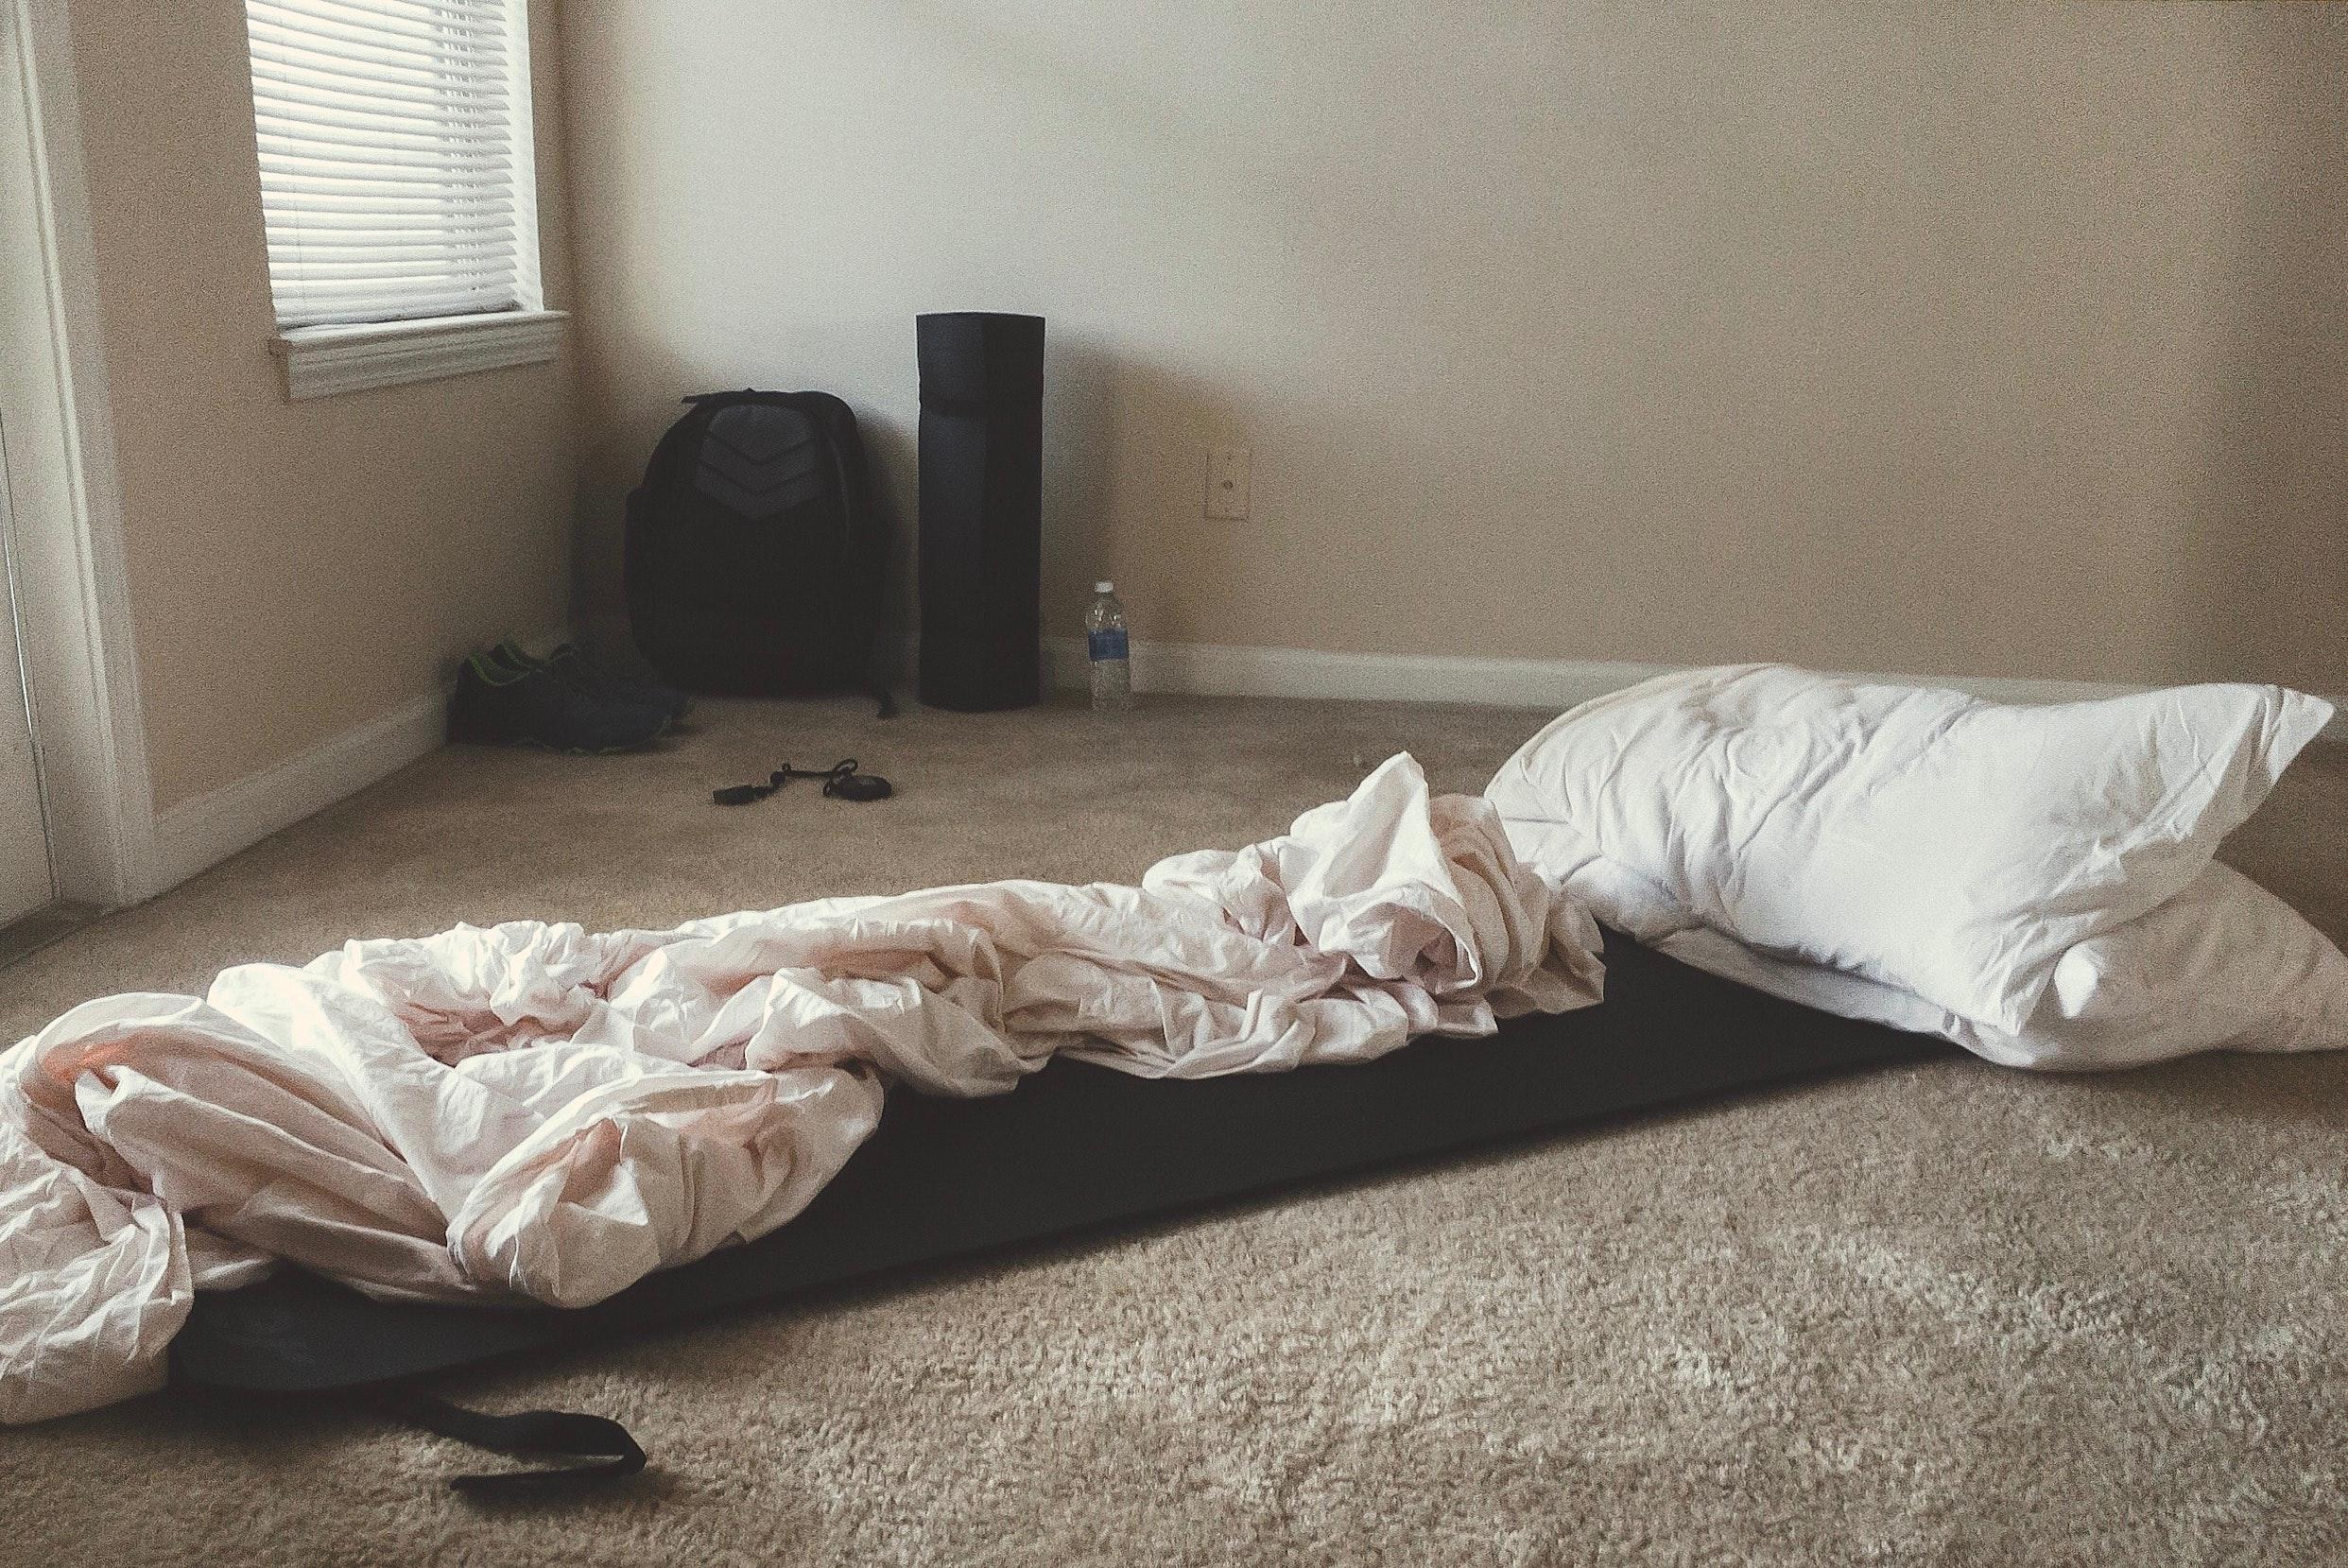 Free photo: Two White Rectangular Pillows With White Blanket on ...